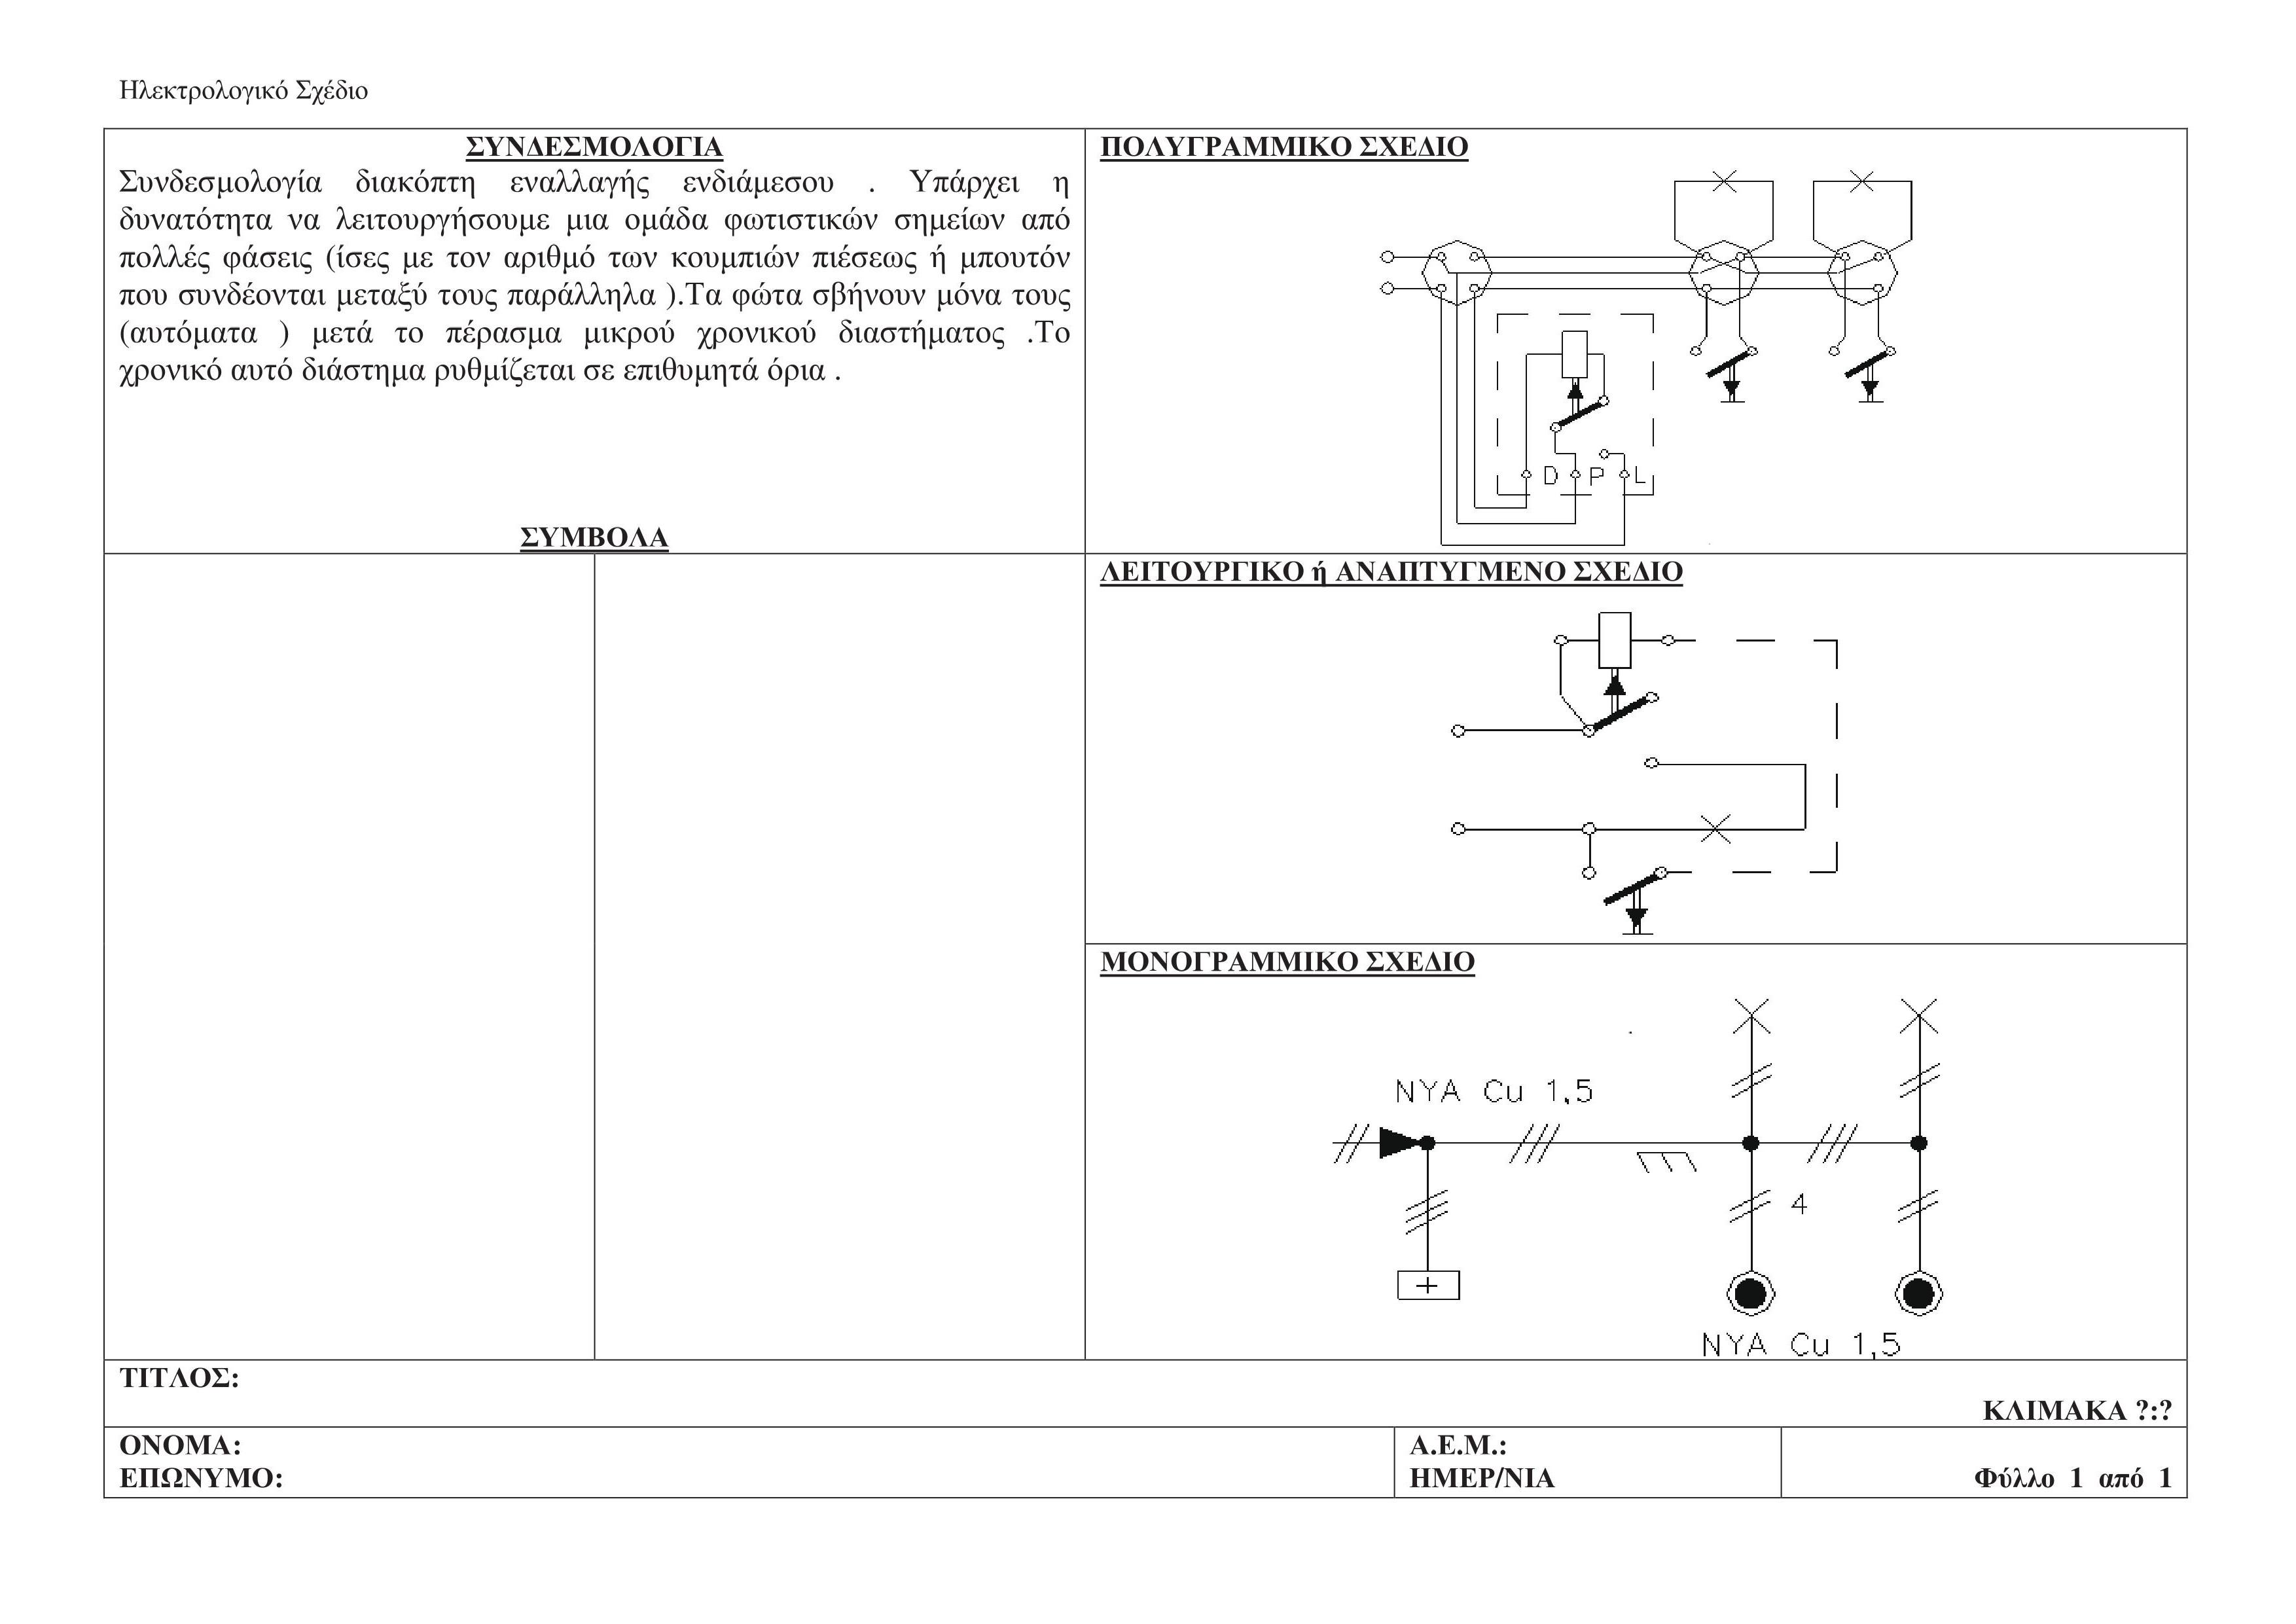 Ηλεκτρολογικό Σχέδιο 8